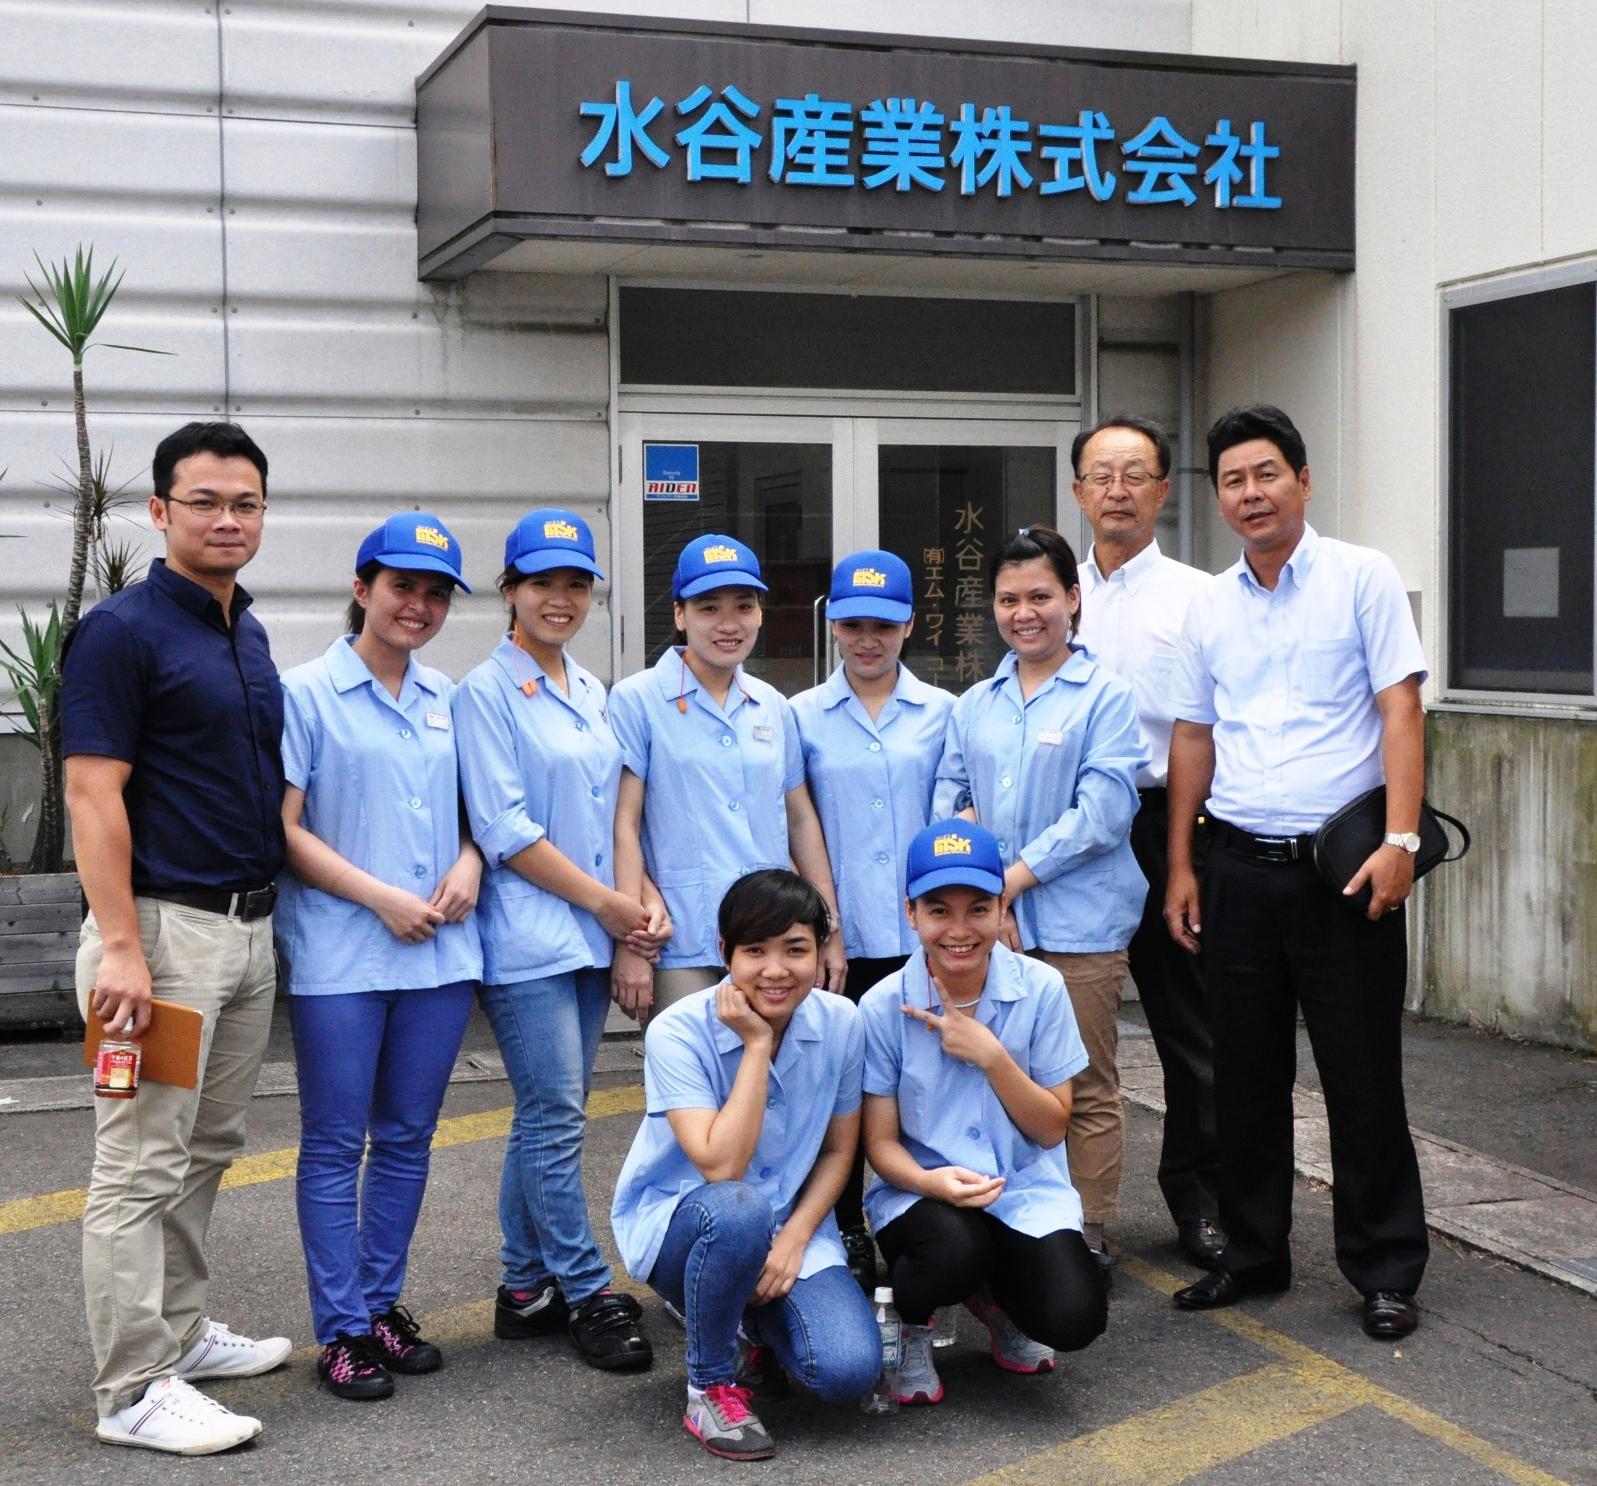 Ban lãnh đạo Công ty sang thăm hỏi TTS đang làm việc tại Nhật Bản.